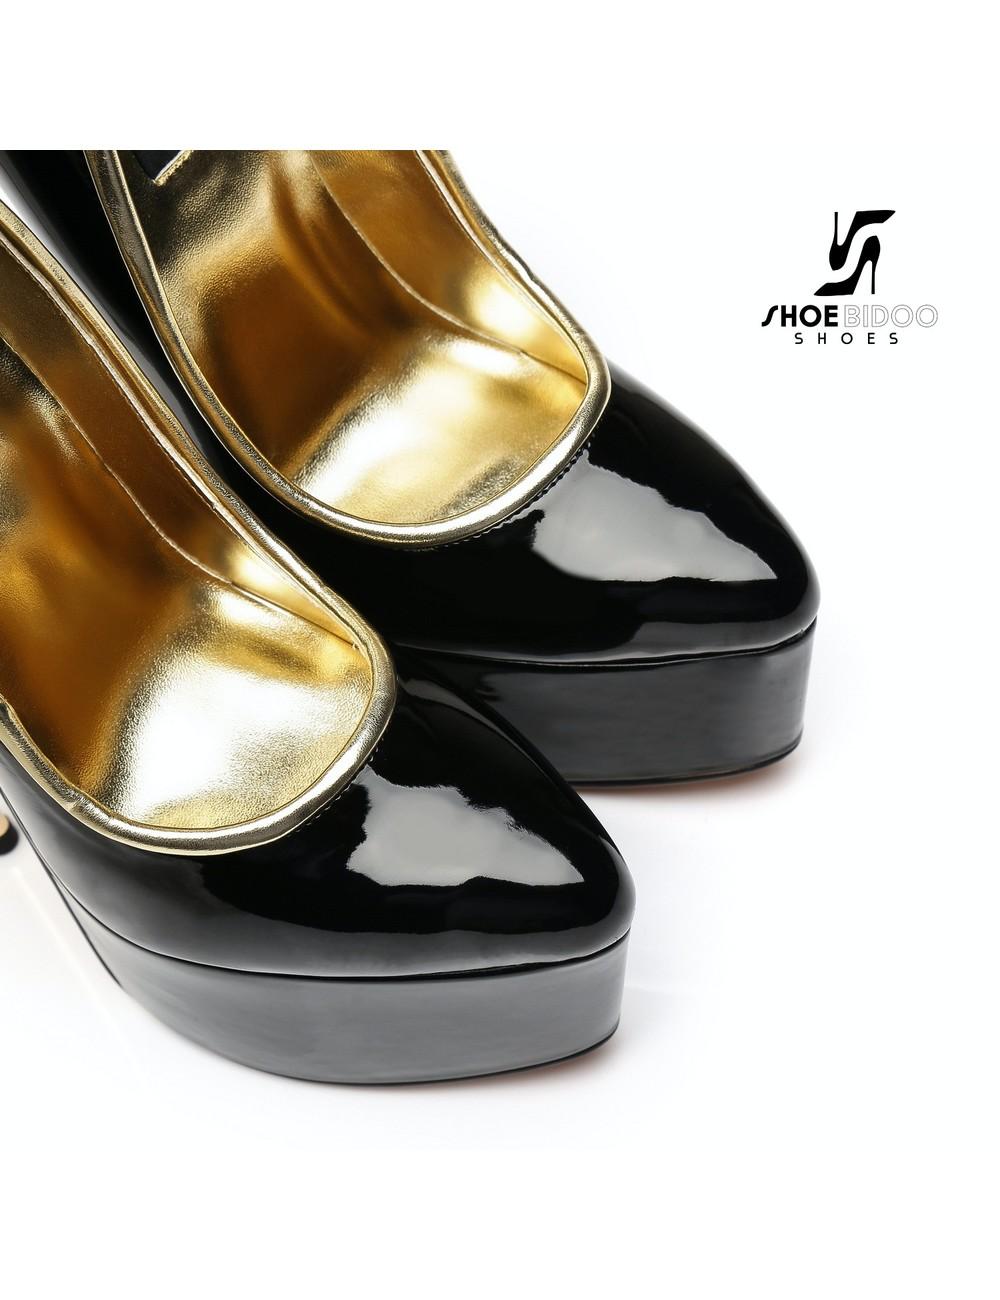 Giaro SLICK Zwarte lak platform pumps met ultra hoge goud metalen hakken